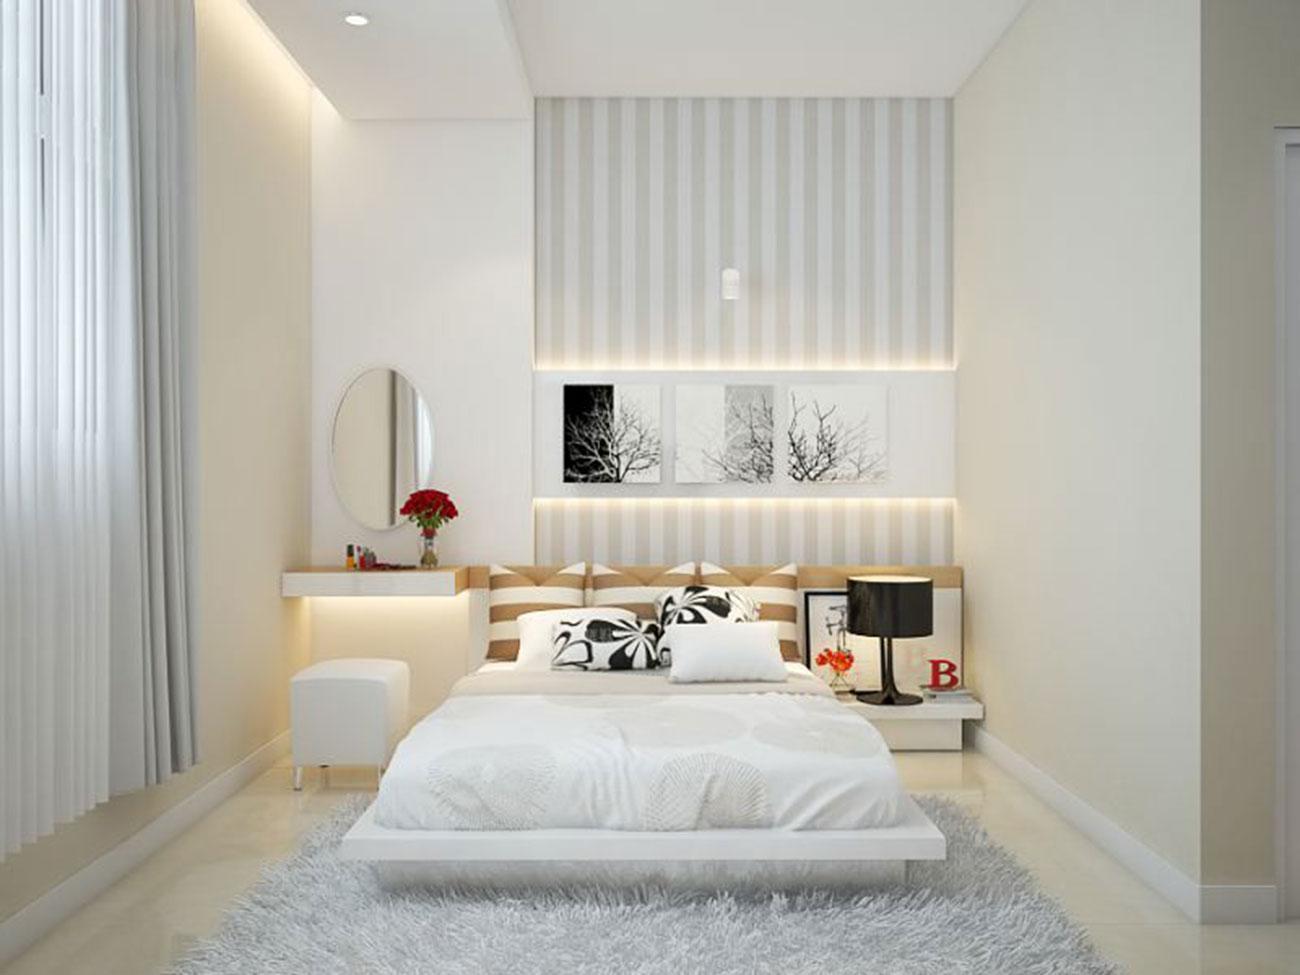 Nhà mẫu phòng ngủ căn hộ tại Tanimex Bình Phú